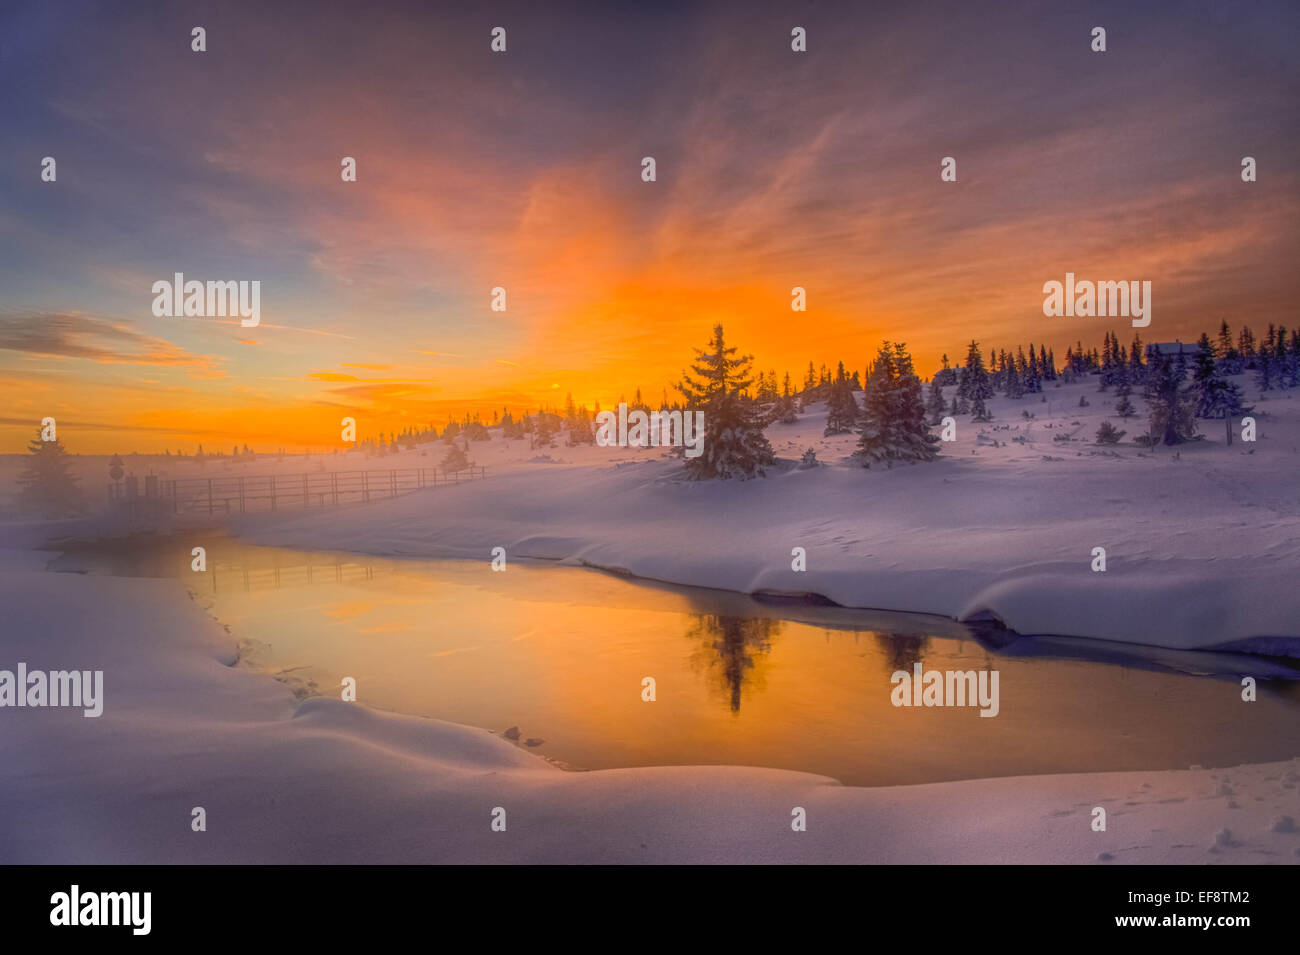 Norvegia Namsos, paesaggio invernale con la nebbia di sunrise Immagini Stock